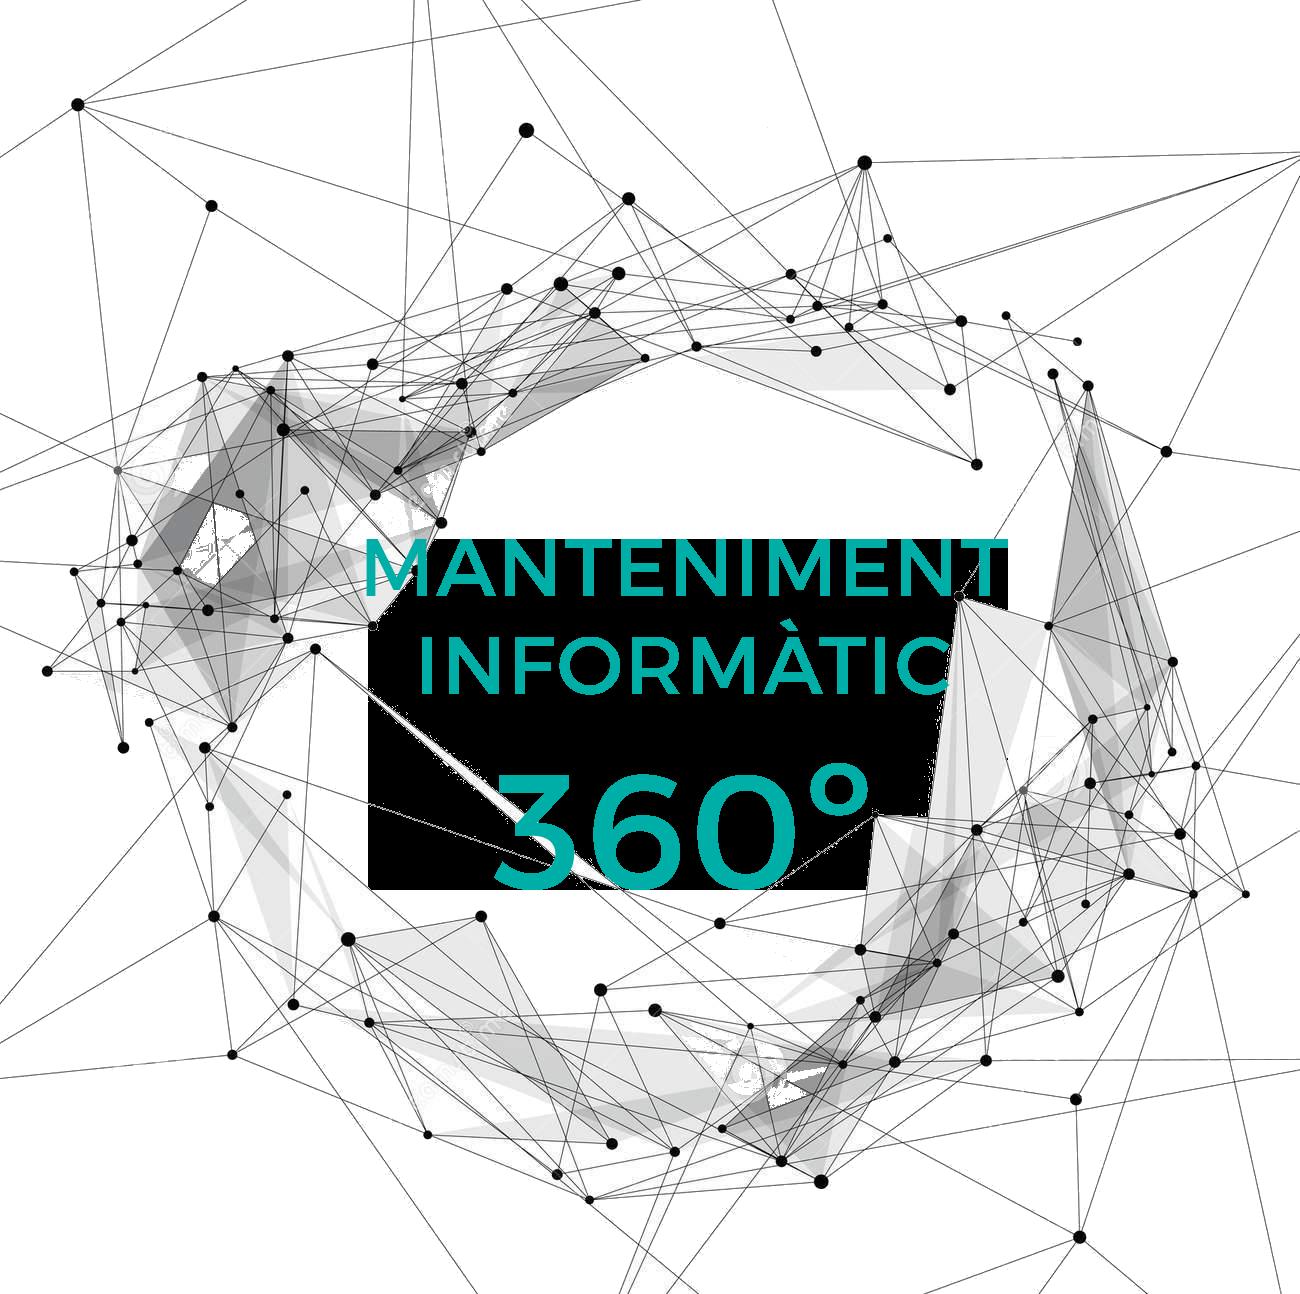 manteniment-informatic-360